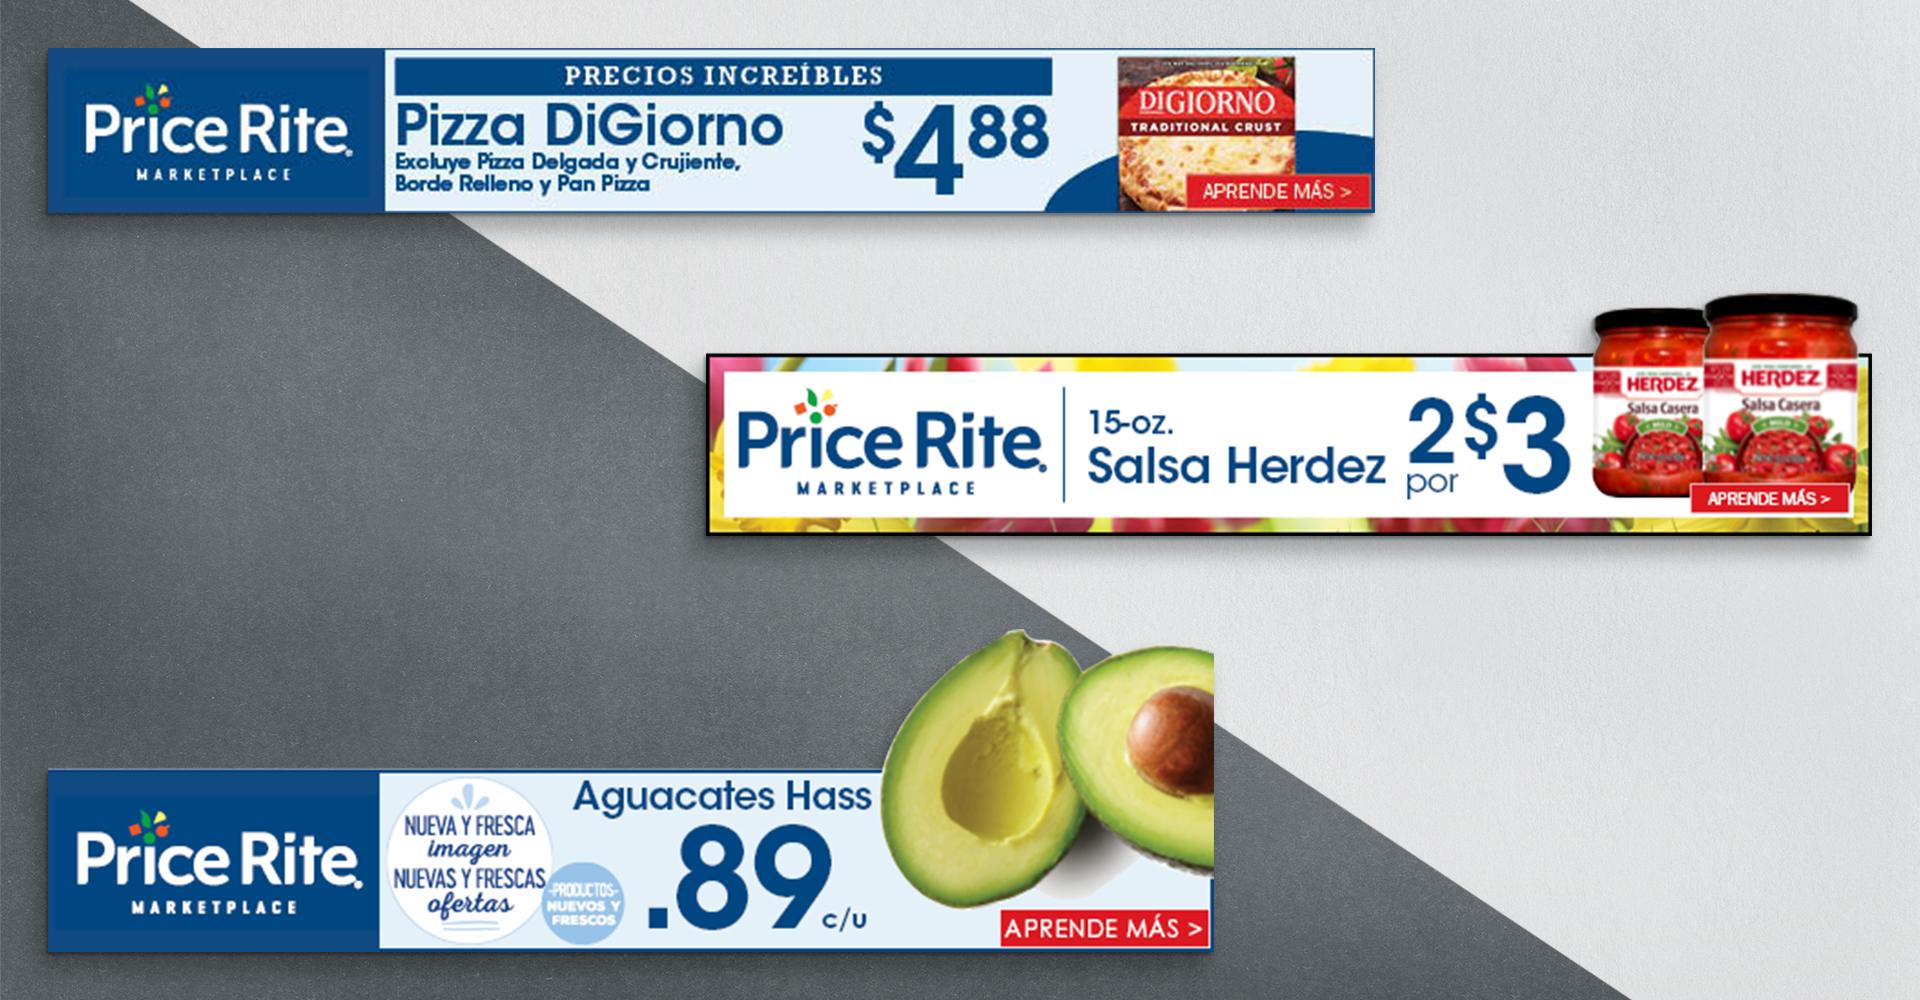 PriceRite digital display